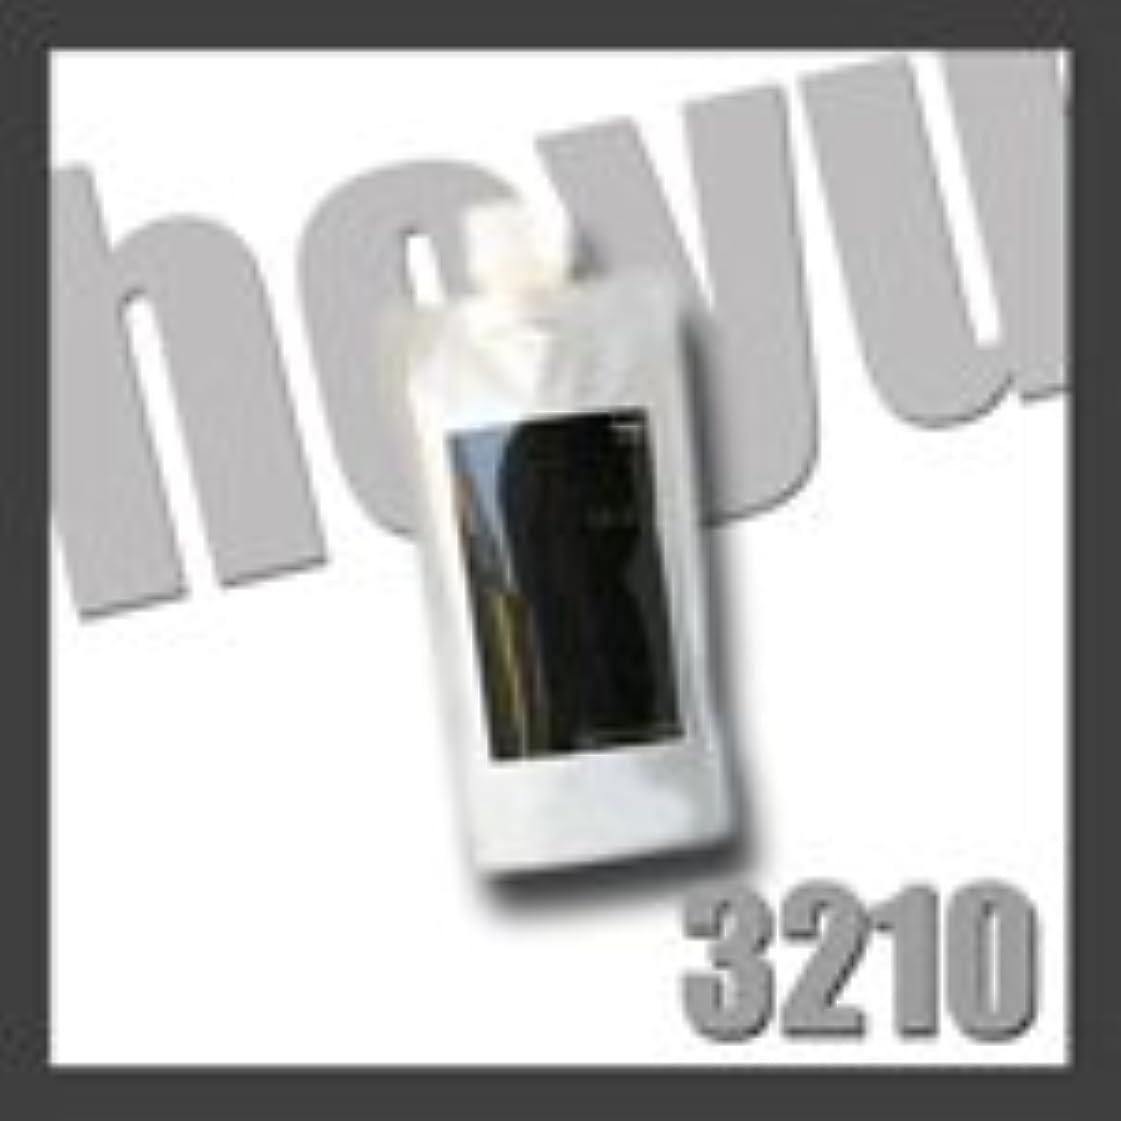 テラスバルセロナコインランドリーHOYU ホーユー 3210 ミニーレ ウルトラハード ワックス レフィル 200g 詰替用 フィニッシュワークシリーズ